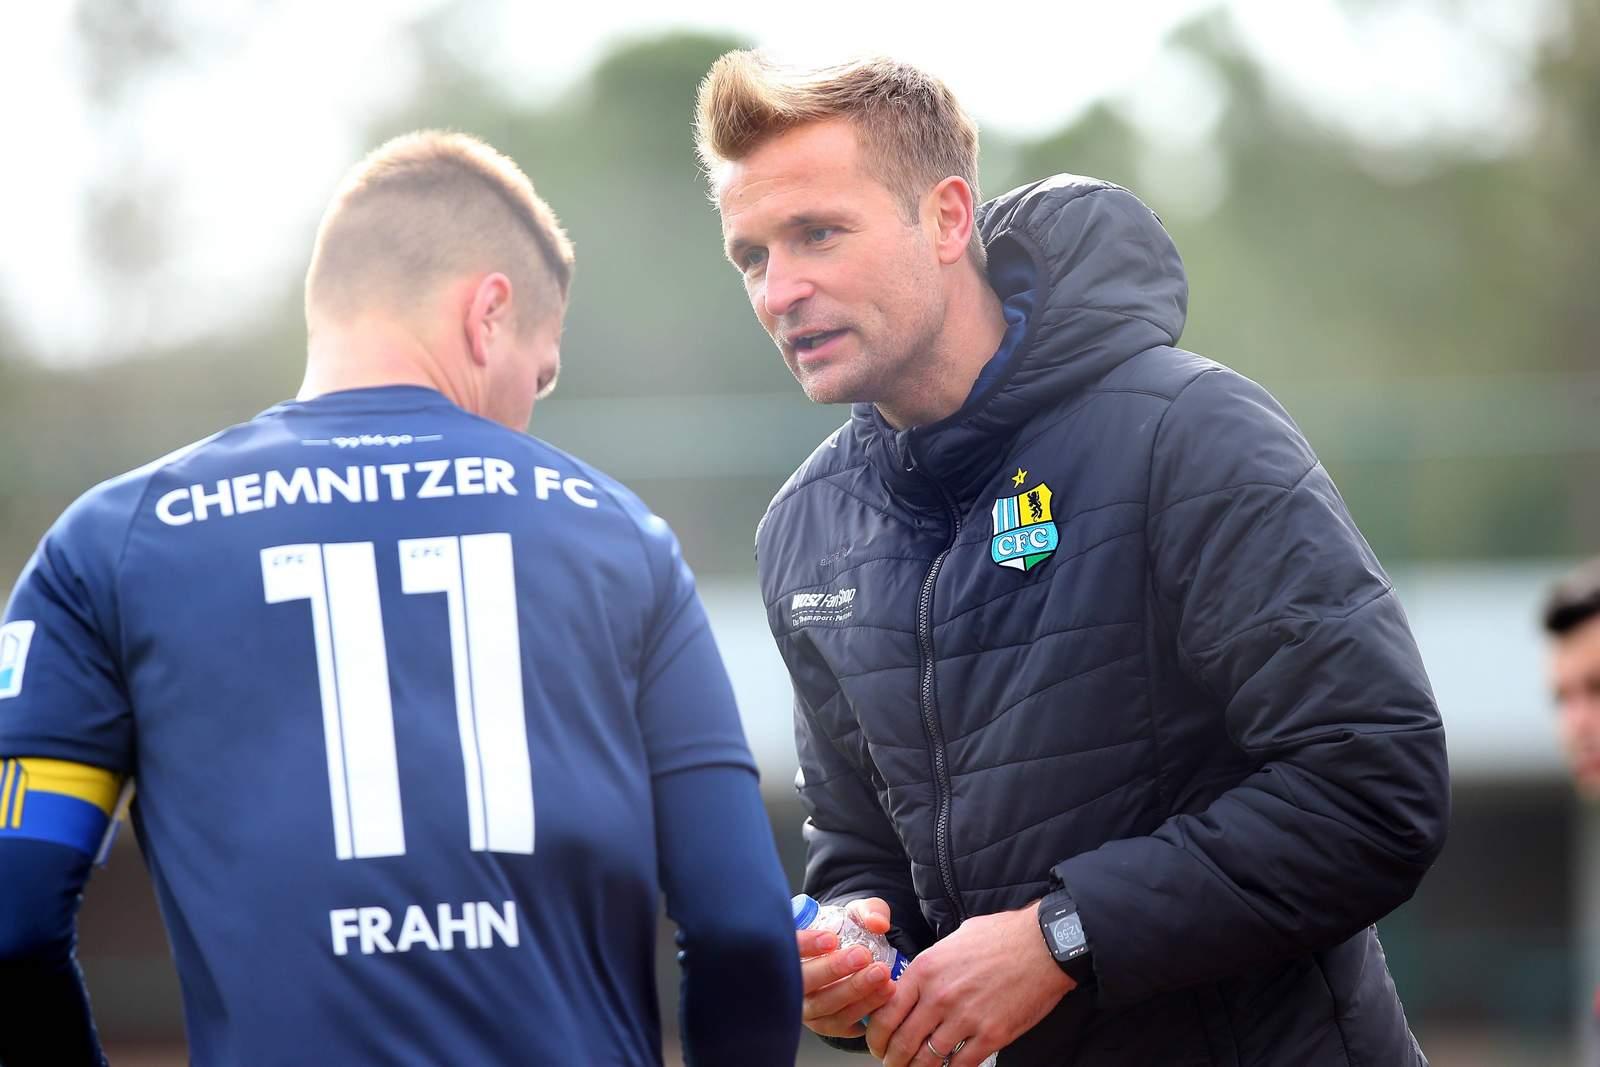 David Bergner (r.) im Gespräch mit seinem Kapitän Daniel Frahn.